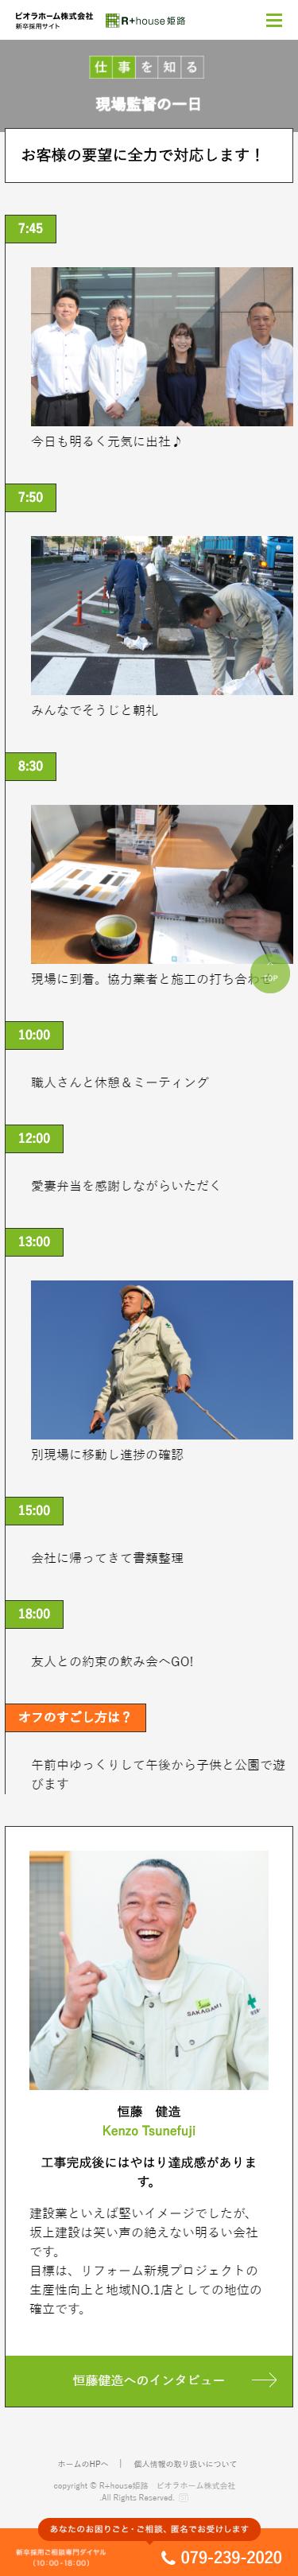 姫路市 ビオラホーム株式会社様 新卒採用サイト4